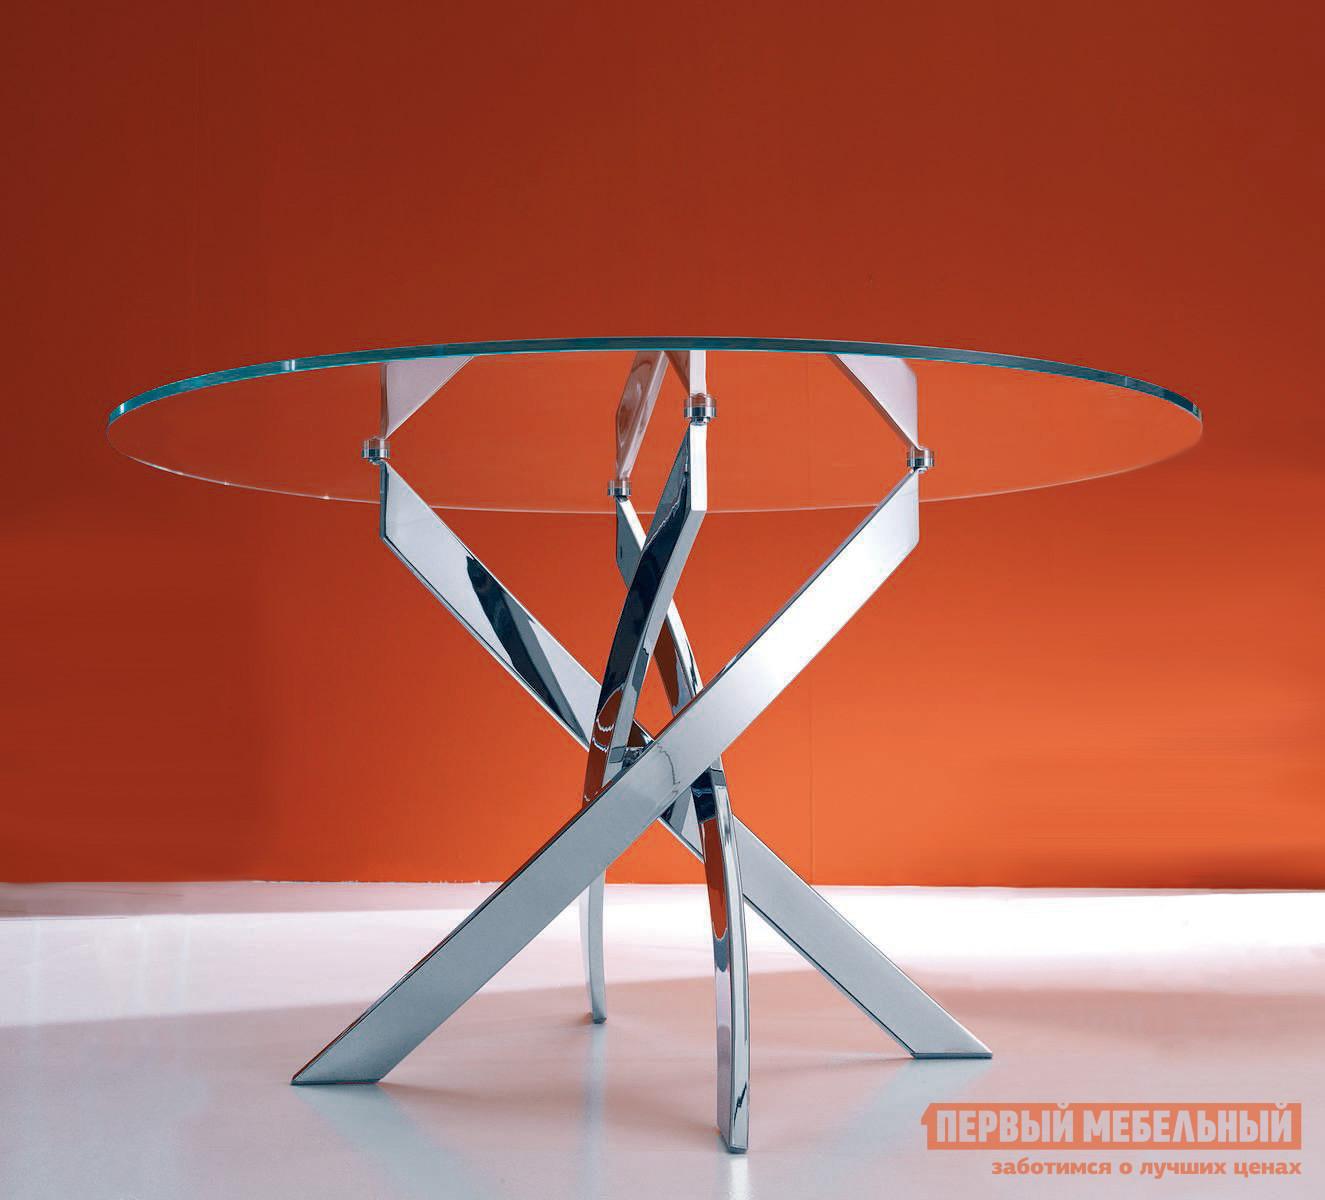 Кухонный стол ДИК KENNER R1000 Хром / Стекло прозрачноеКухонные столы<br>Габаритные размеры ВхШхГ 750x1000x1000 мм. Модный и стильный обеденный стол с круглой стеклянной столешницей.  Особое внимание привлекают четыре серебристые ножки, оригинально переплетенные между собой, которые обеспечивают столу устойчивость.  Такая модель станет центральным элементом современного интерьера кухни или столовой зоны. Столешница изготавливается из ударопрочного стекла, которое устойчиво к воздействию влаги, холодных и горячих предметов, чистящих средств (кроме абразивных материалов).  В цветах «черный» и «белый» столешница окрашена с обратной стороны.  Кромка — глянцевая, в цвет стола.  Стол выдерживает нагрузку до 60 кг. Прочные ножки выполняются из стали толщиной 2 мм (внутри полые) с хромированным покрытием и оснащены регулировочными винтами, которые позволят скорректировать устойчивость стола на неровном покрытии.  У прозрачной столешницы закаленное стекло имеет толщину 8 мм, белая и черная столешница — лист ДСП со стеклом 4 мм.<br><br>Цвет: Серый<br>Высота мм: 750<br>Ширина мм: 1000<br>Глубина мм: 1000<br>Кол-во упаковок: 2<br>Форма поставки: В разобранном виде<br>Срок гарантии: 2 года<br>Материал: Металл<br>Материал: Стекло<br>Форма: Круглые<br>Размер: Маленькие<br>С металлическими ножками: Да<br>Глянцевые: Да